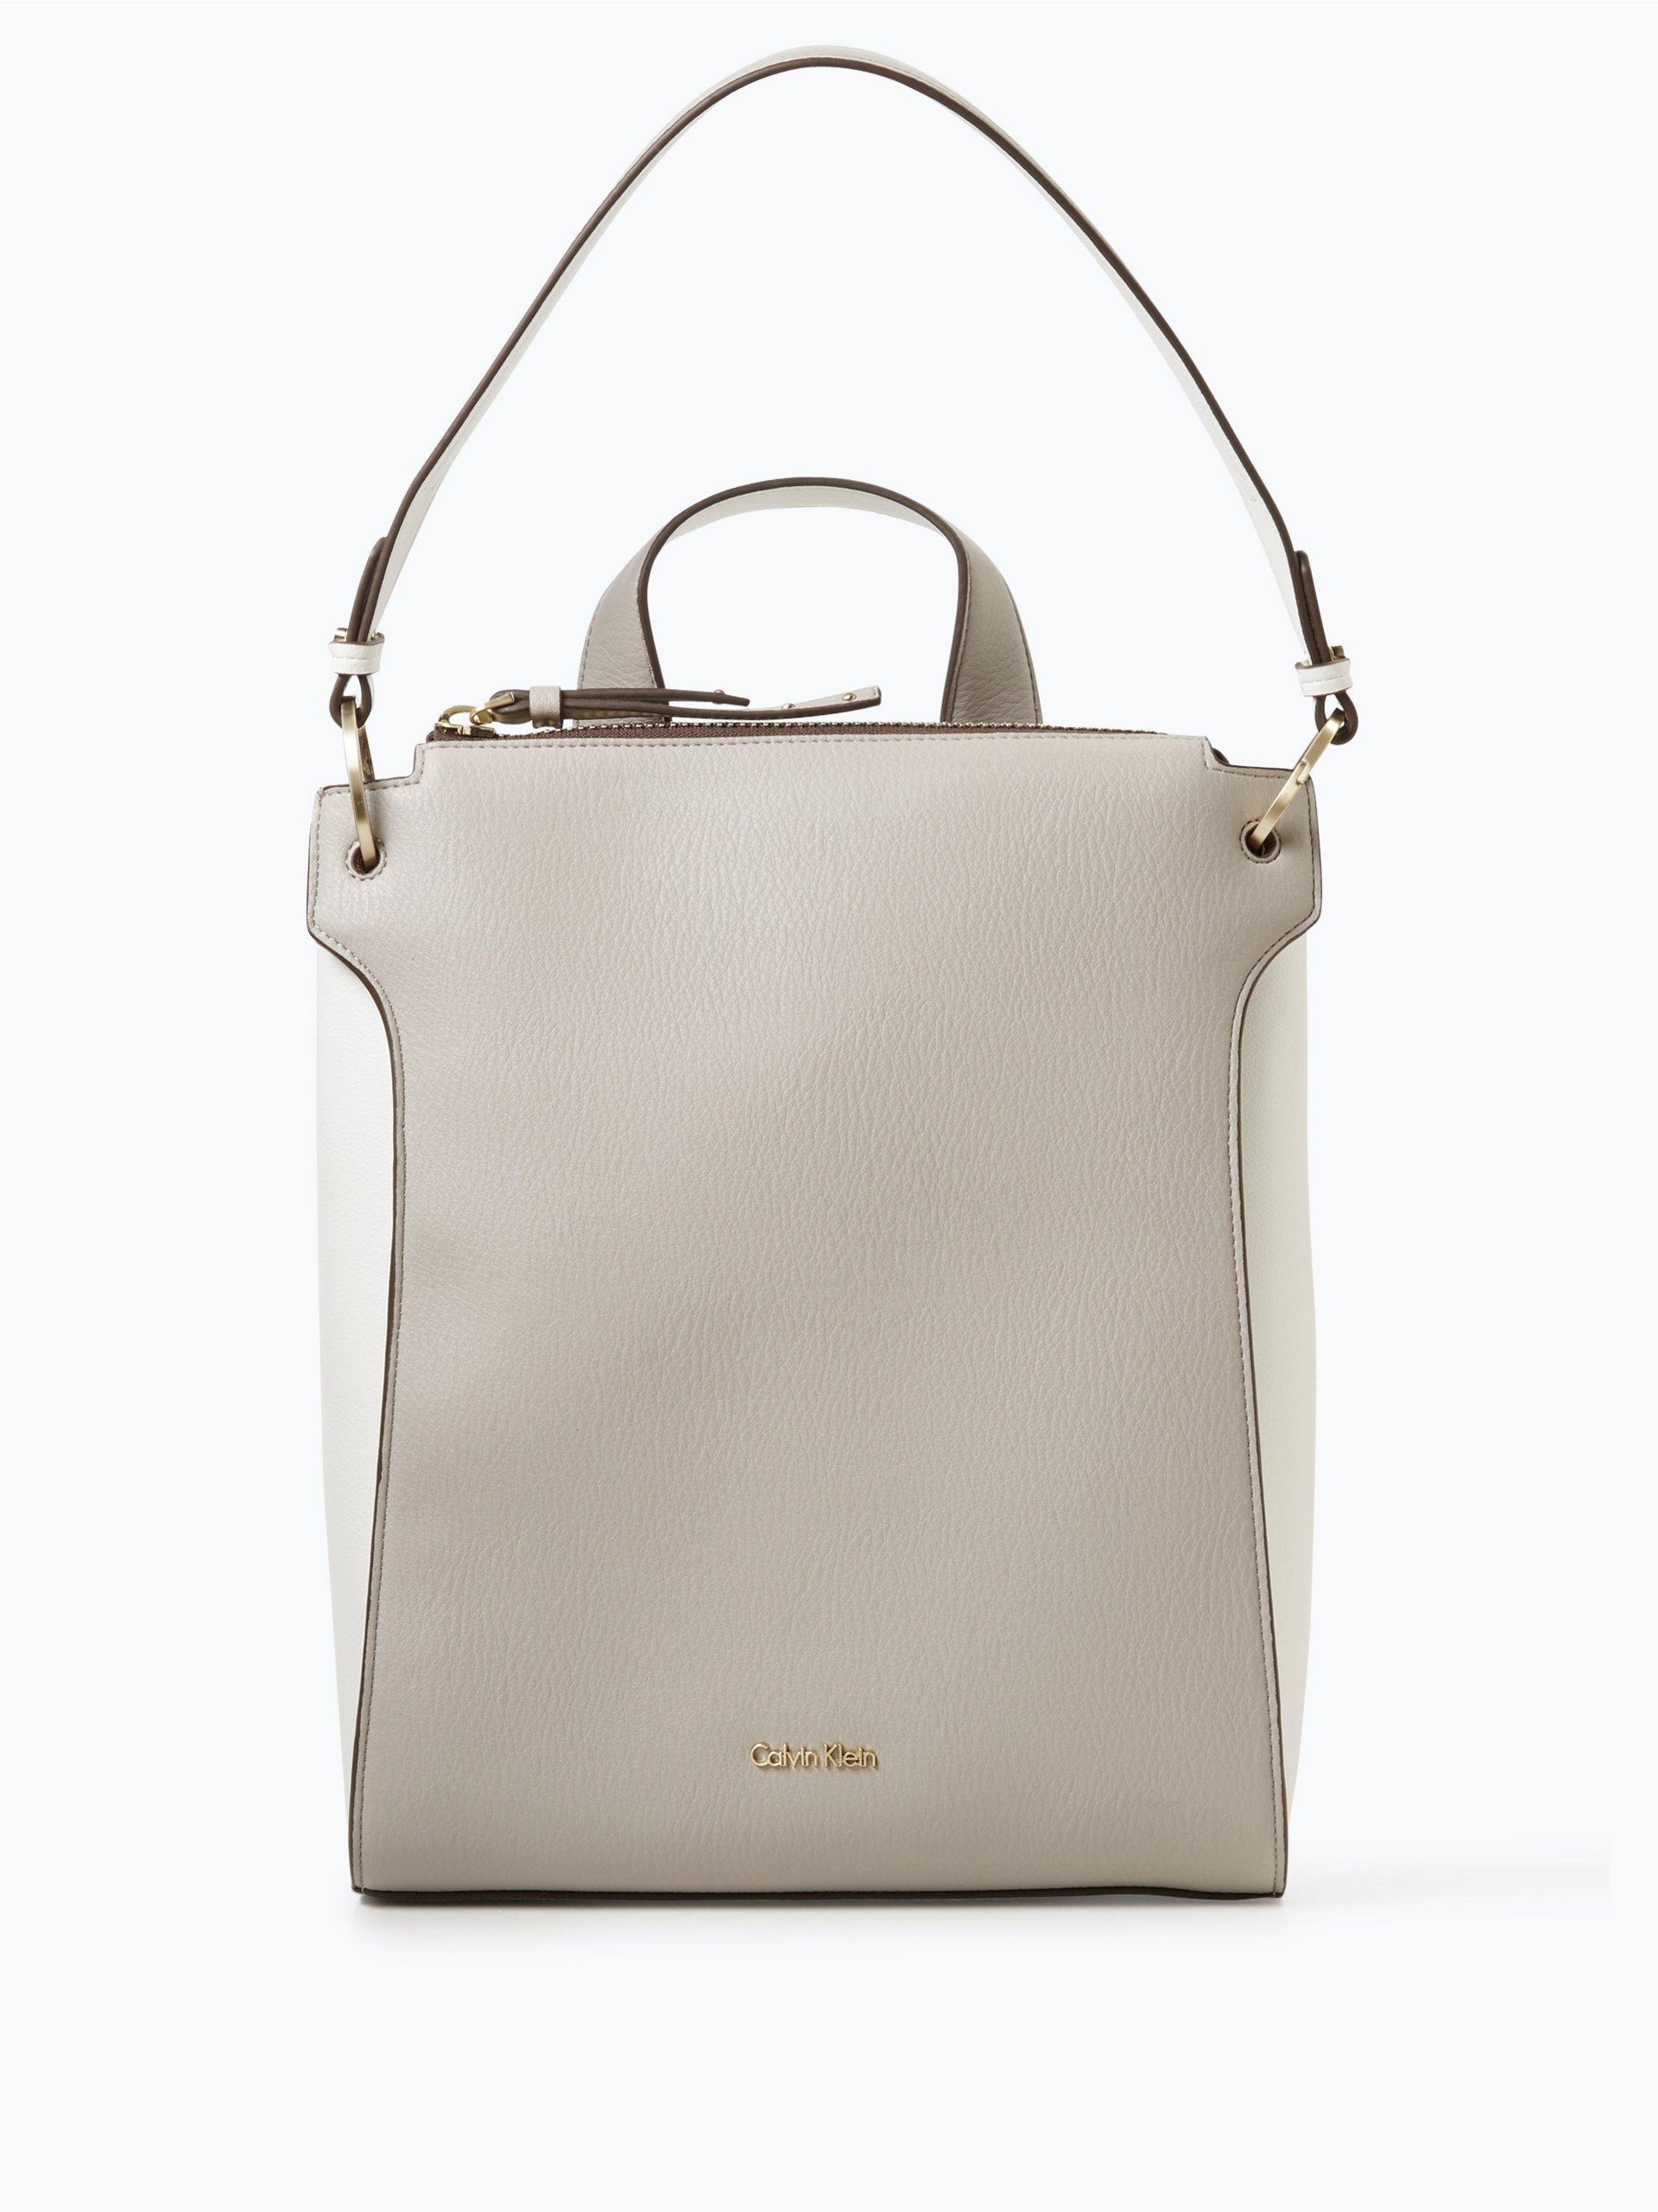 calvin klein damen rucksack in leder optik beige uni. Black Bedroom Furniture Sets. Home Design Ideas